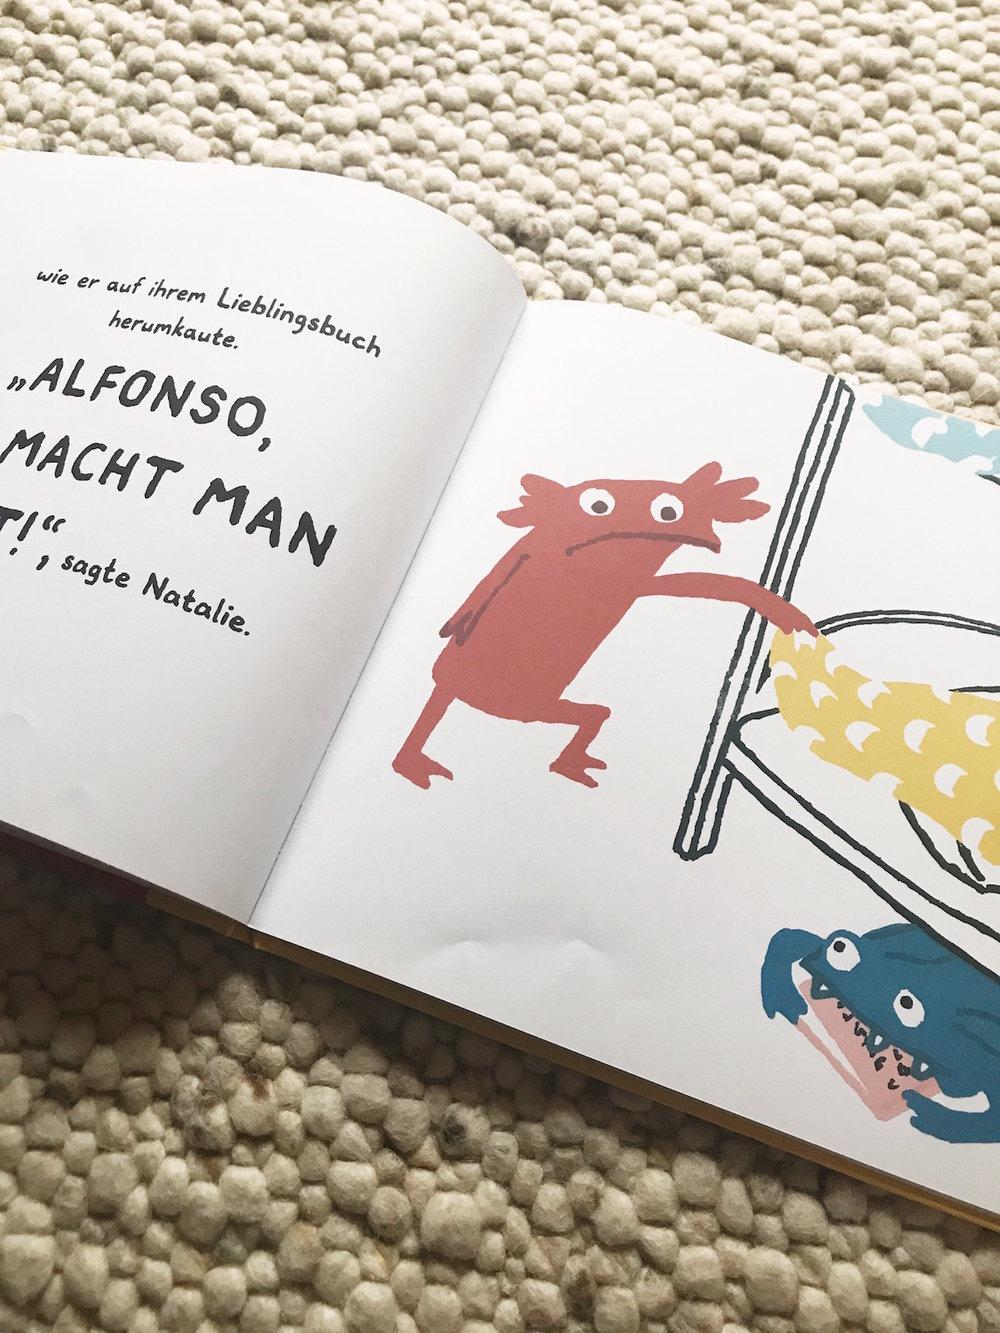 Natalie erwischt Alfonso als er an ihrem Lieblingsbuch knabbert.